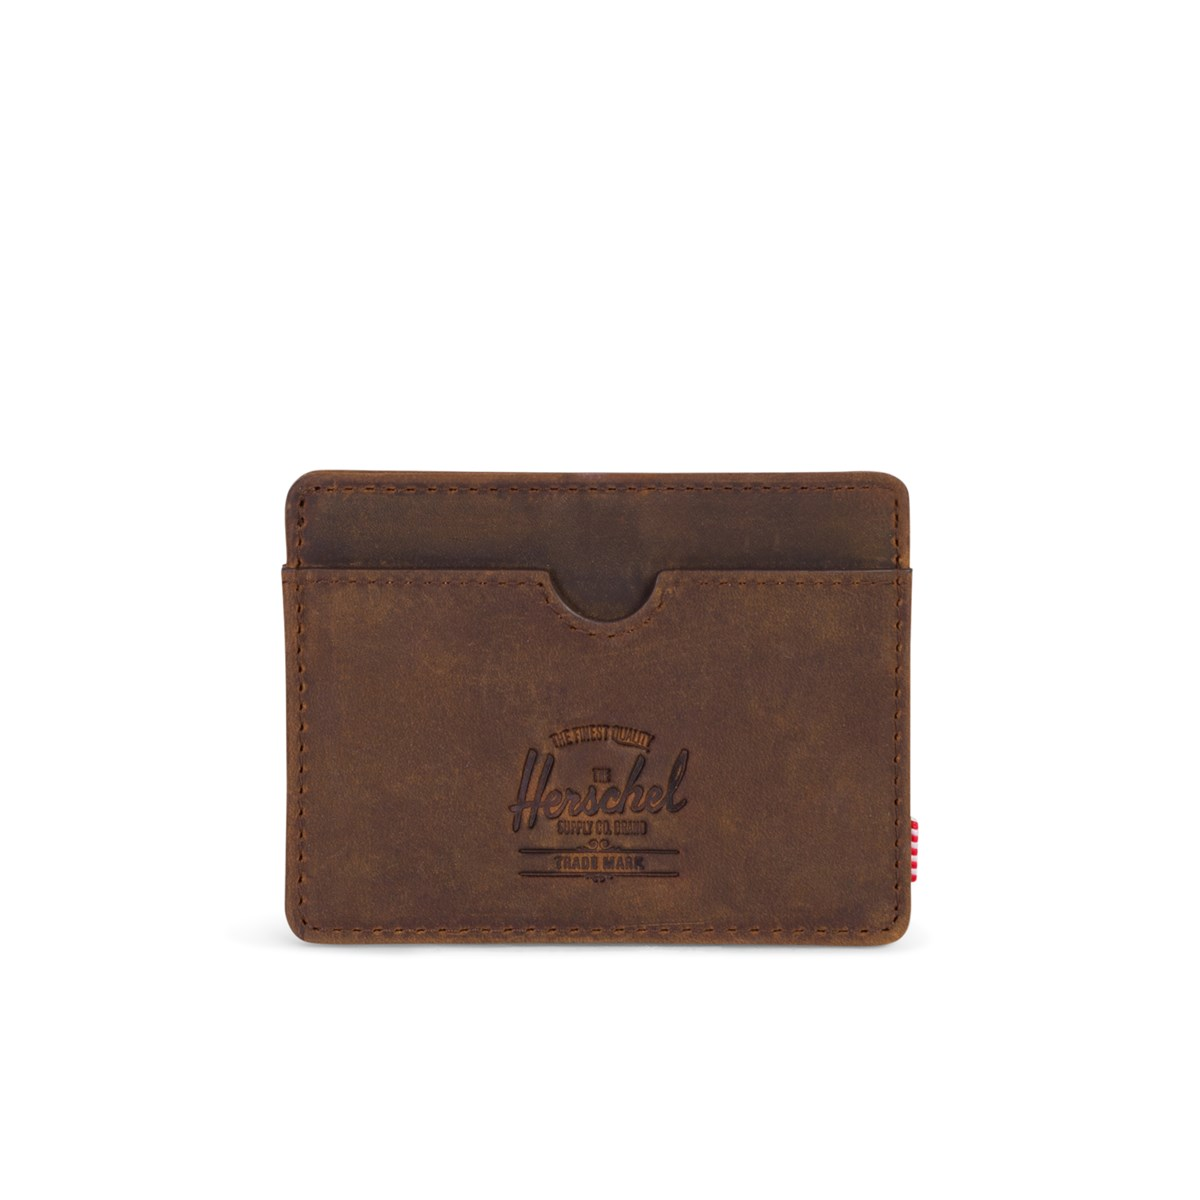 Charlie Wallet in Brown